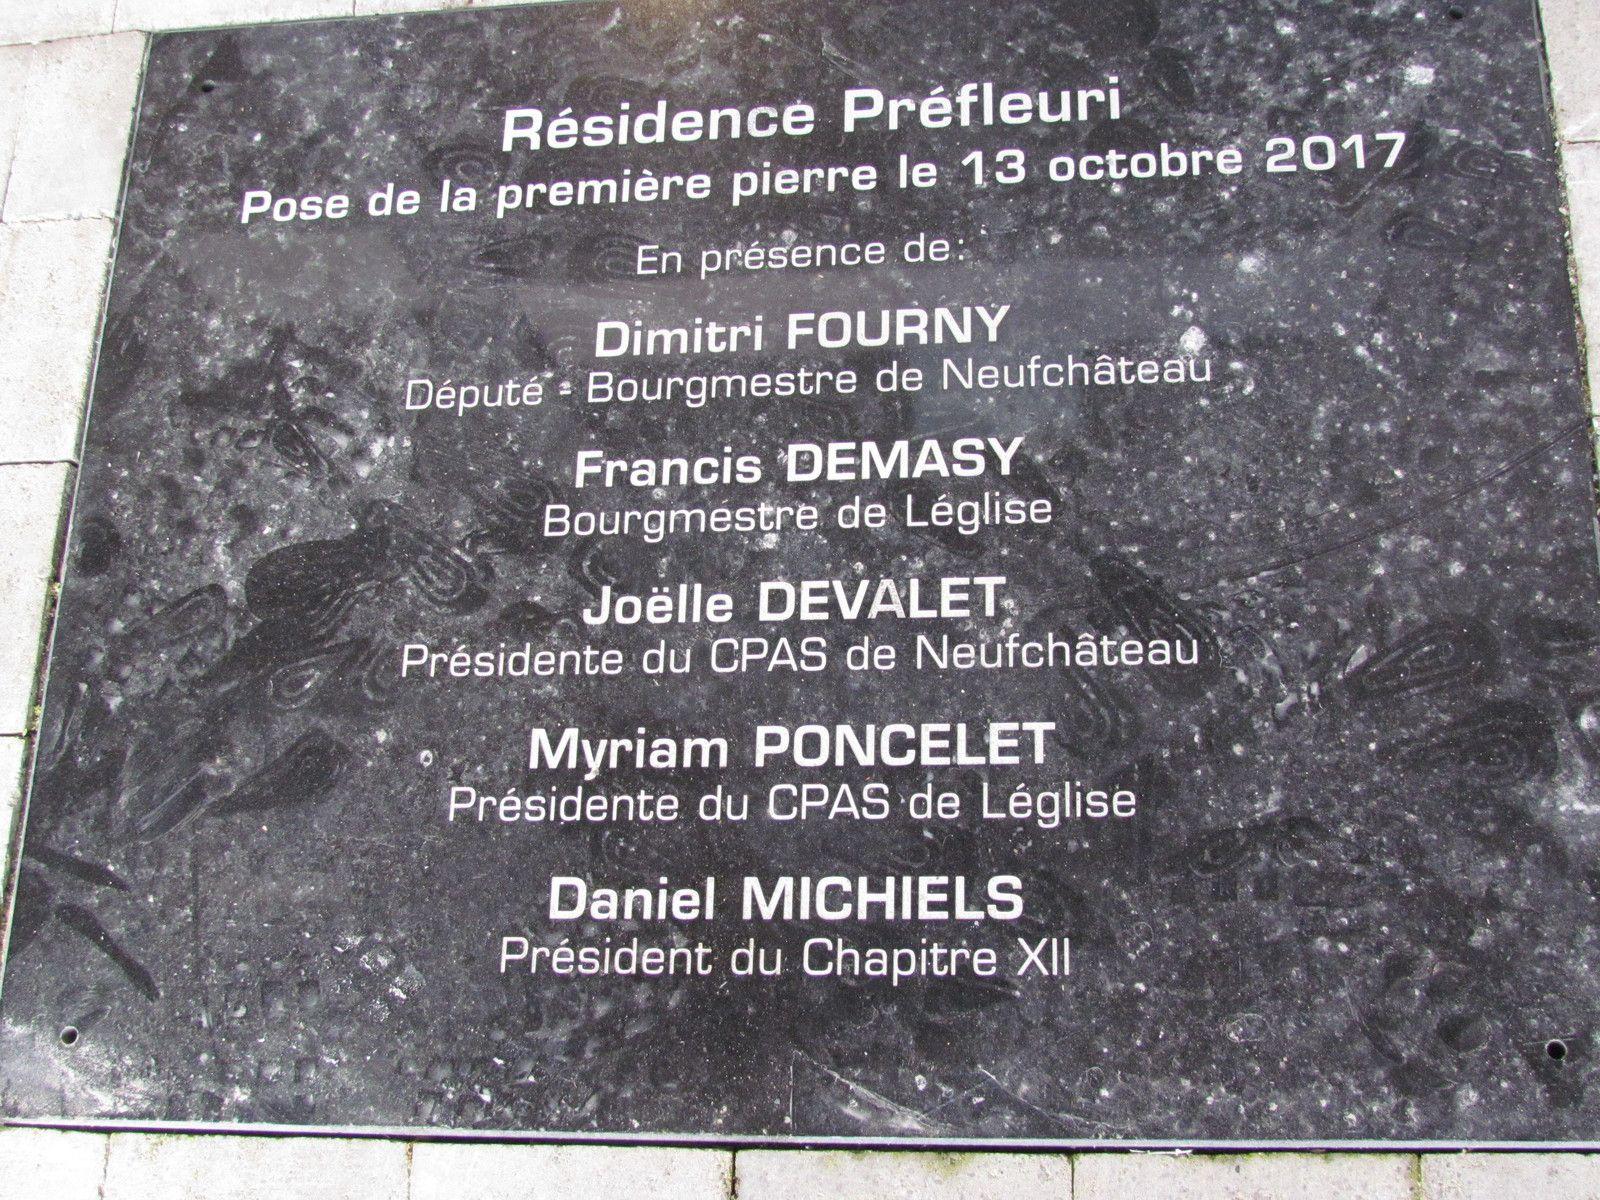 La résidence Préfleuri